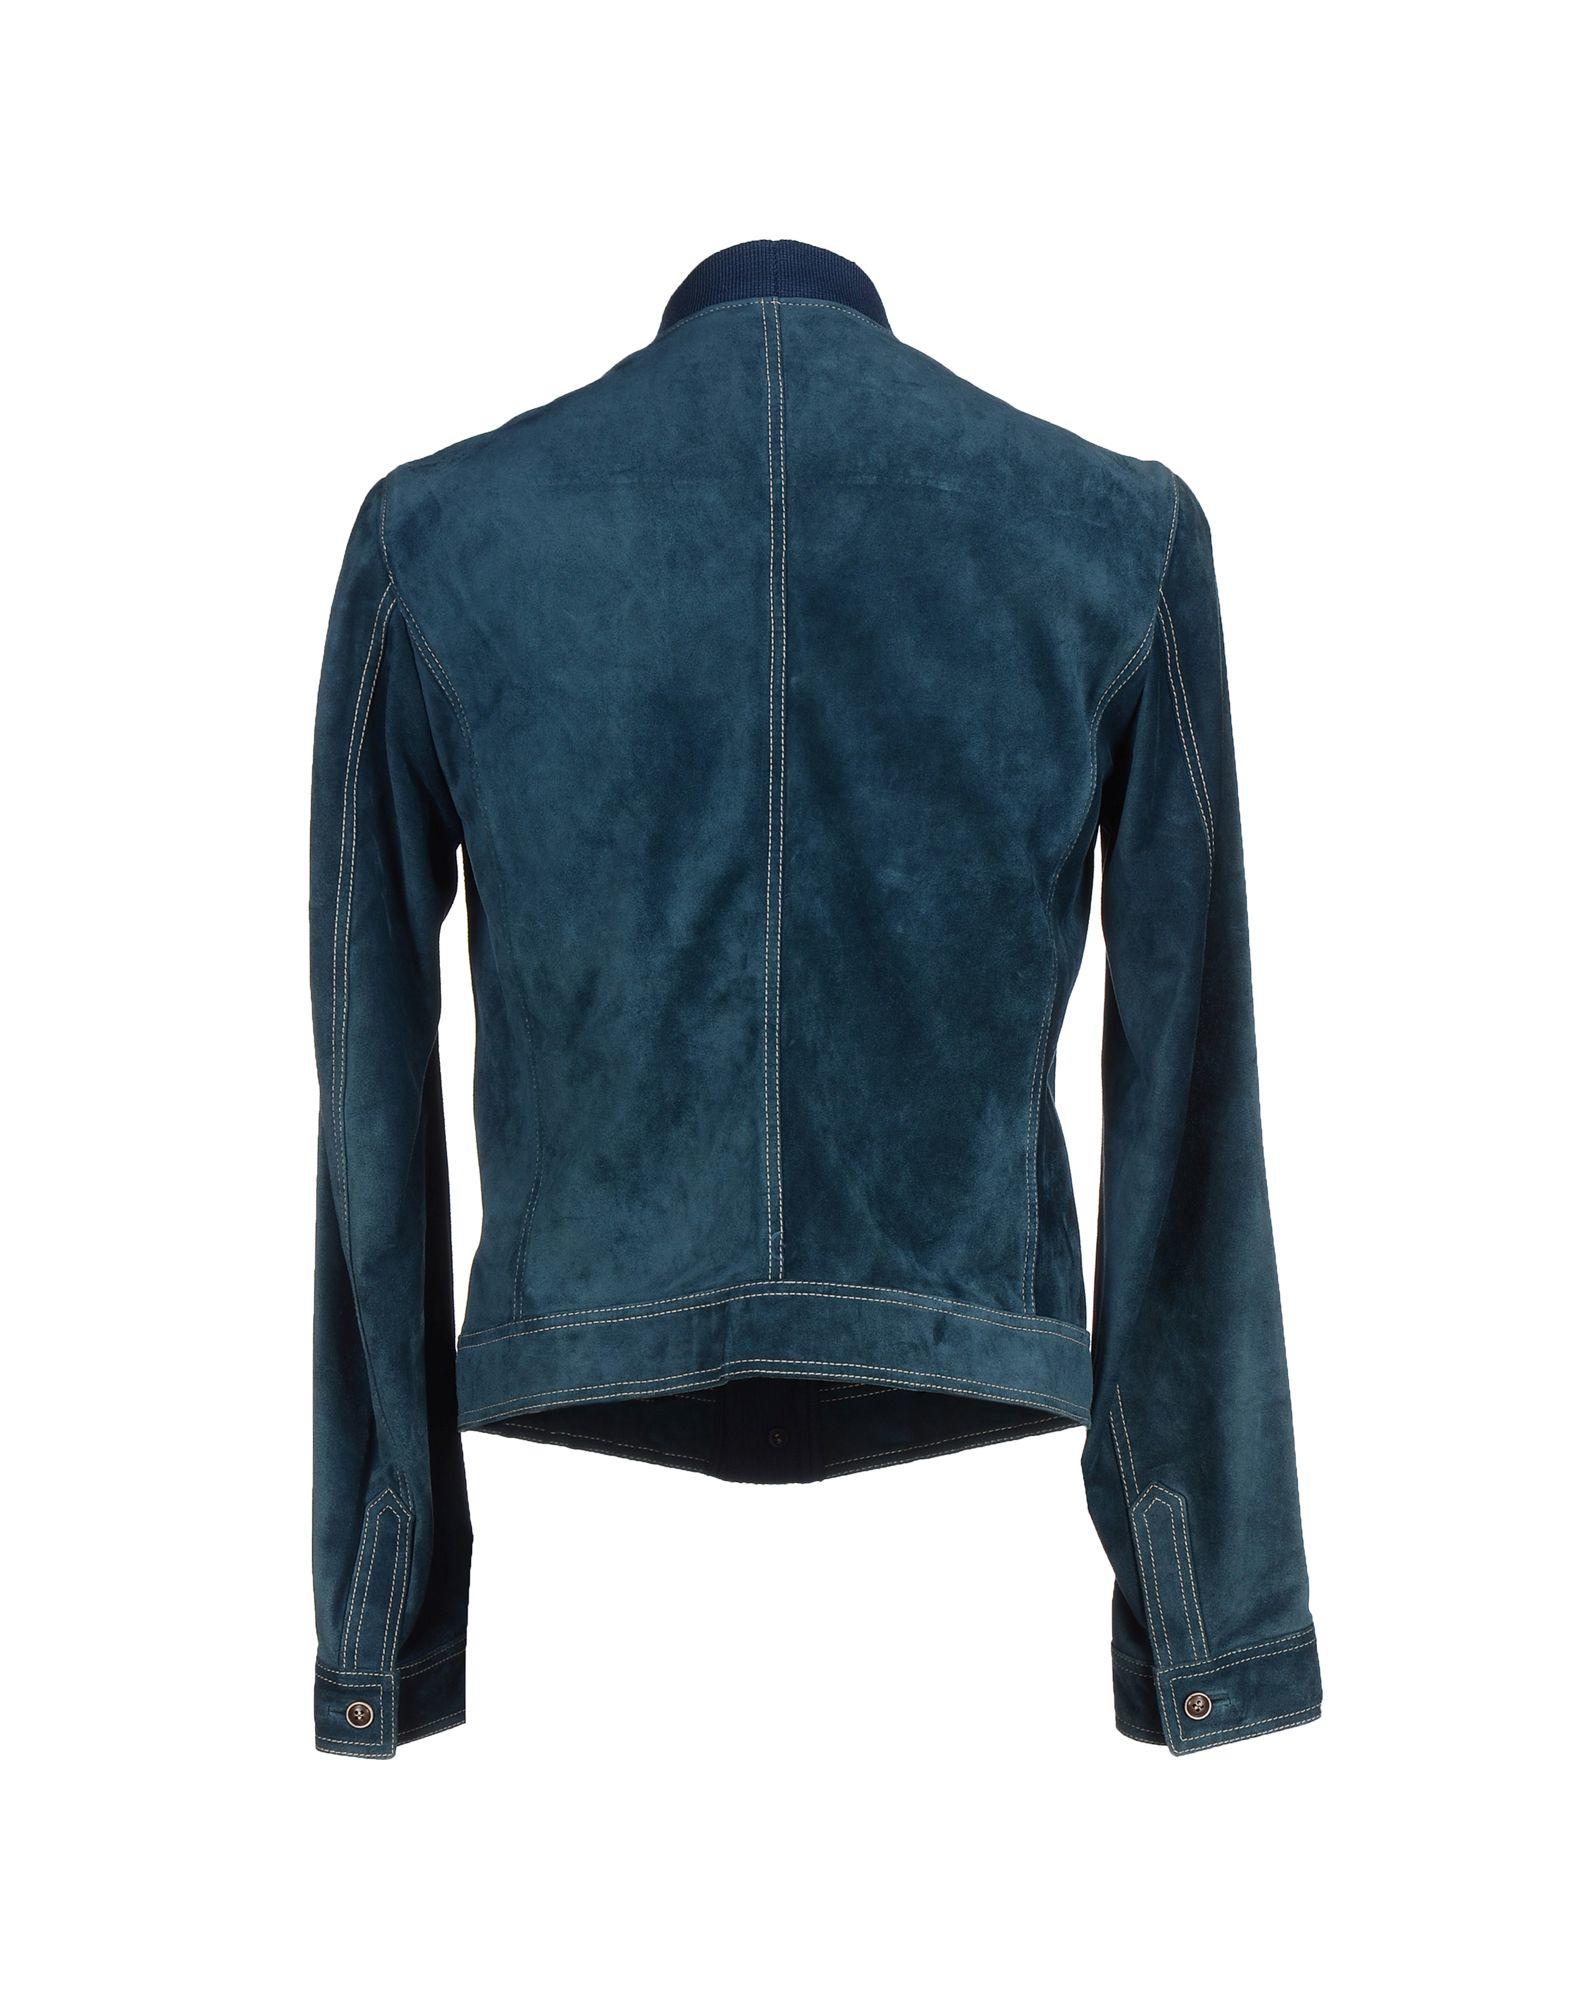 dolce gabbana jacket in blue for men lyst. Black Bedroom Furniture Sets. Home Design Ideas